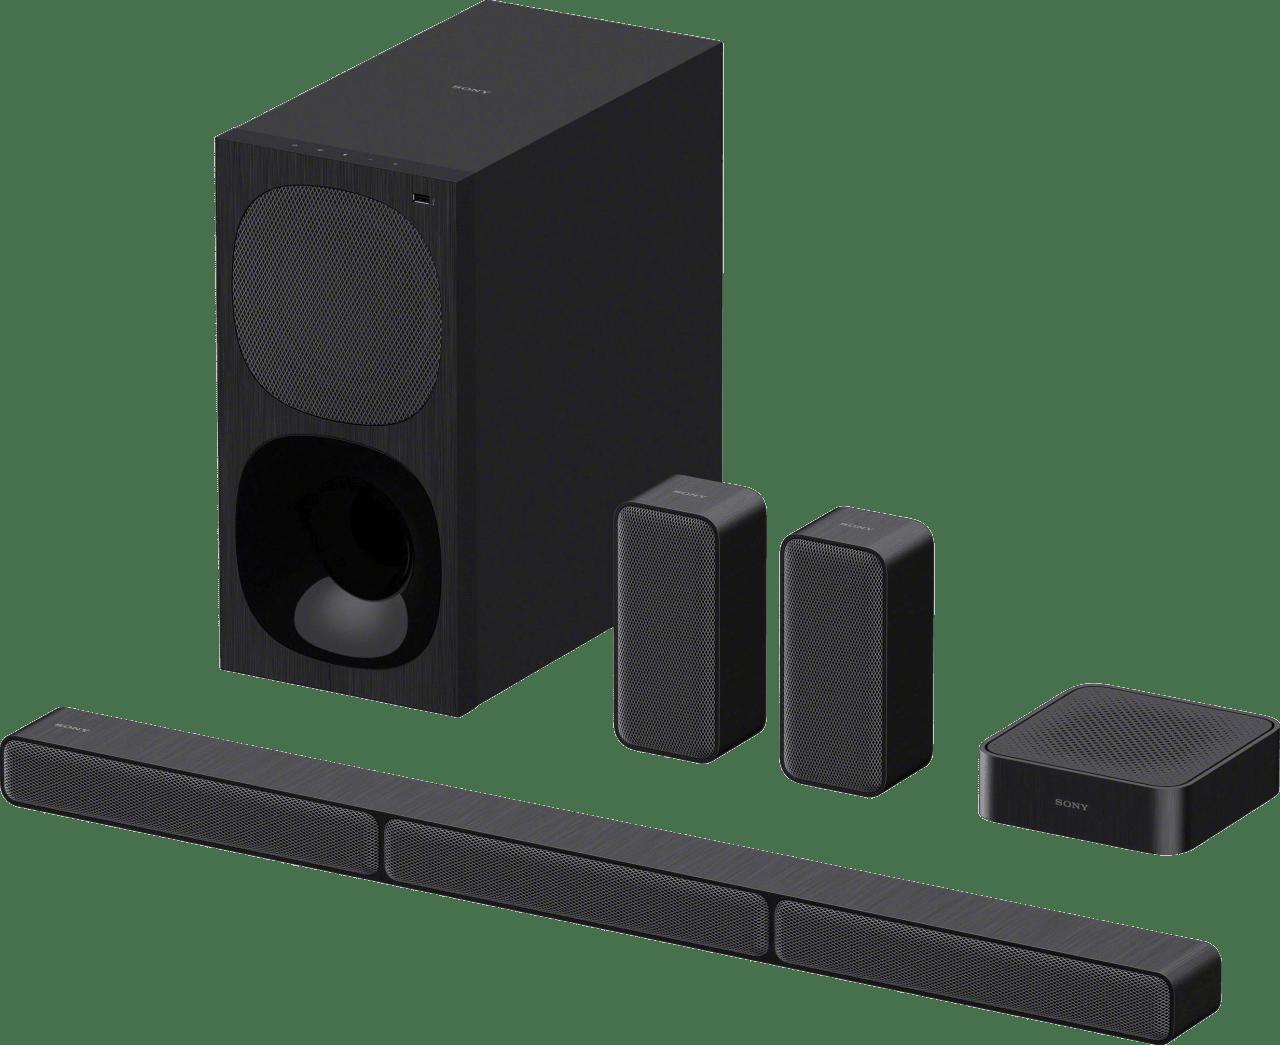 Schwarz Sony HT-S40R.1